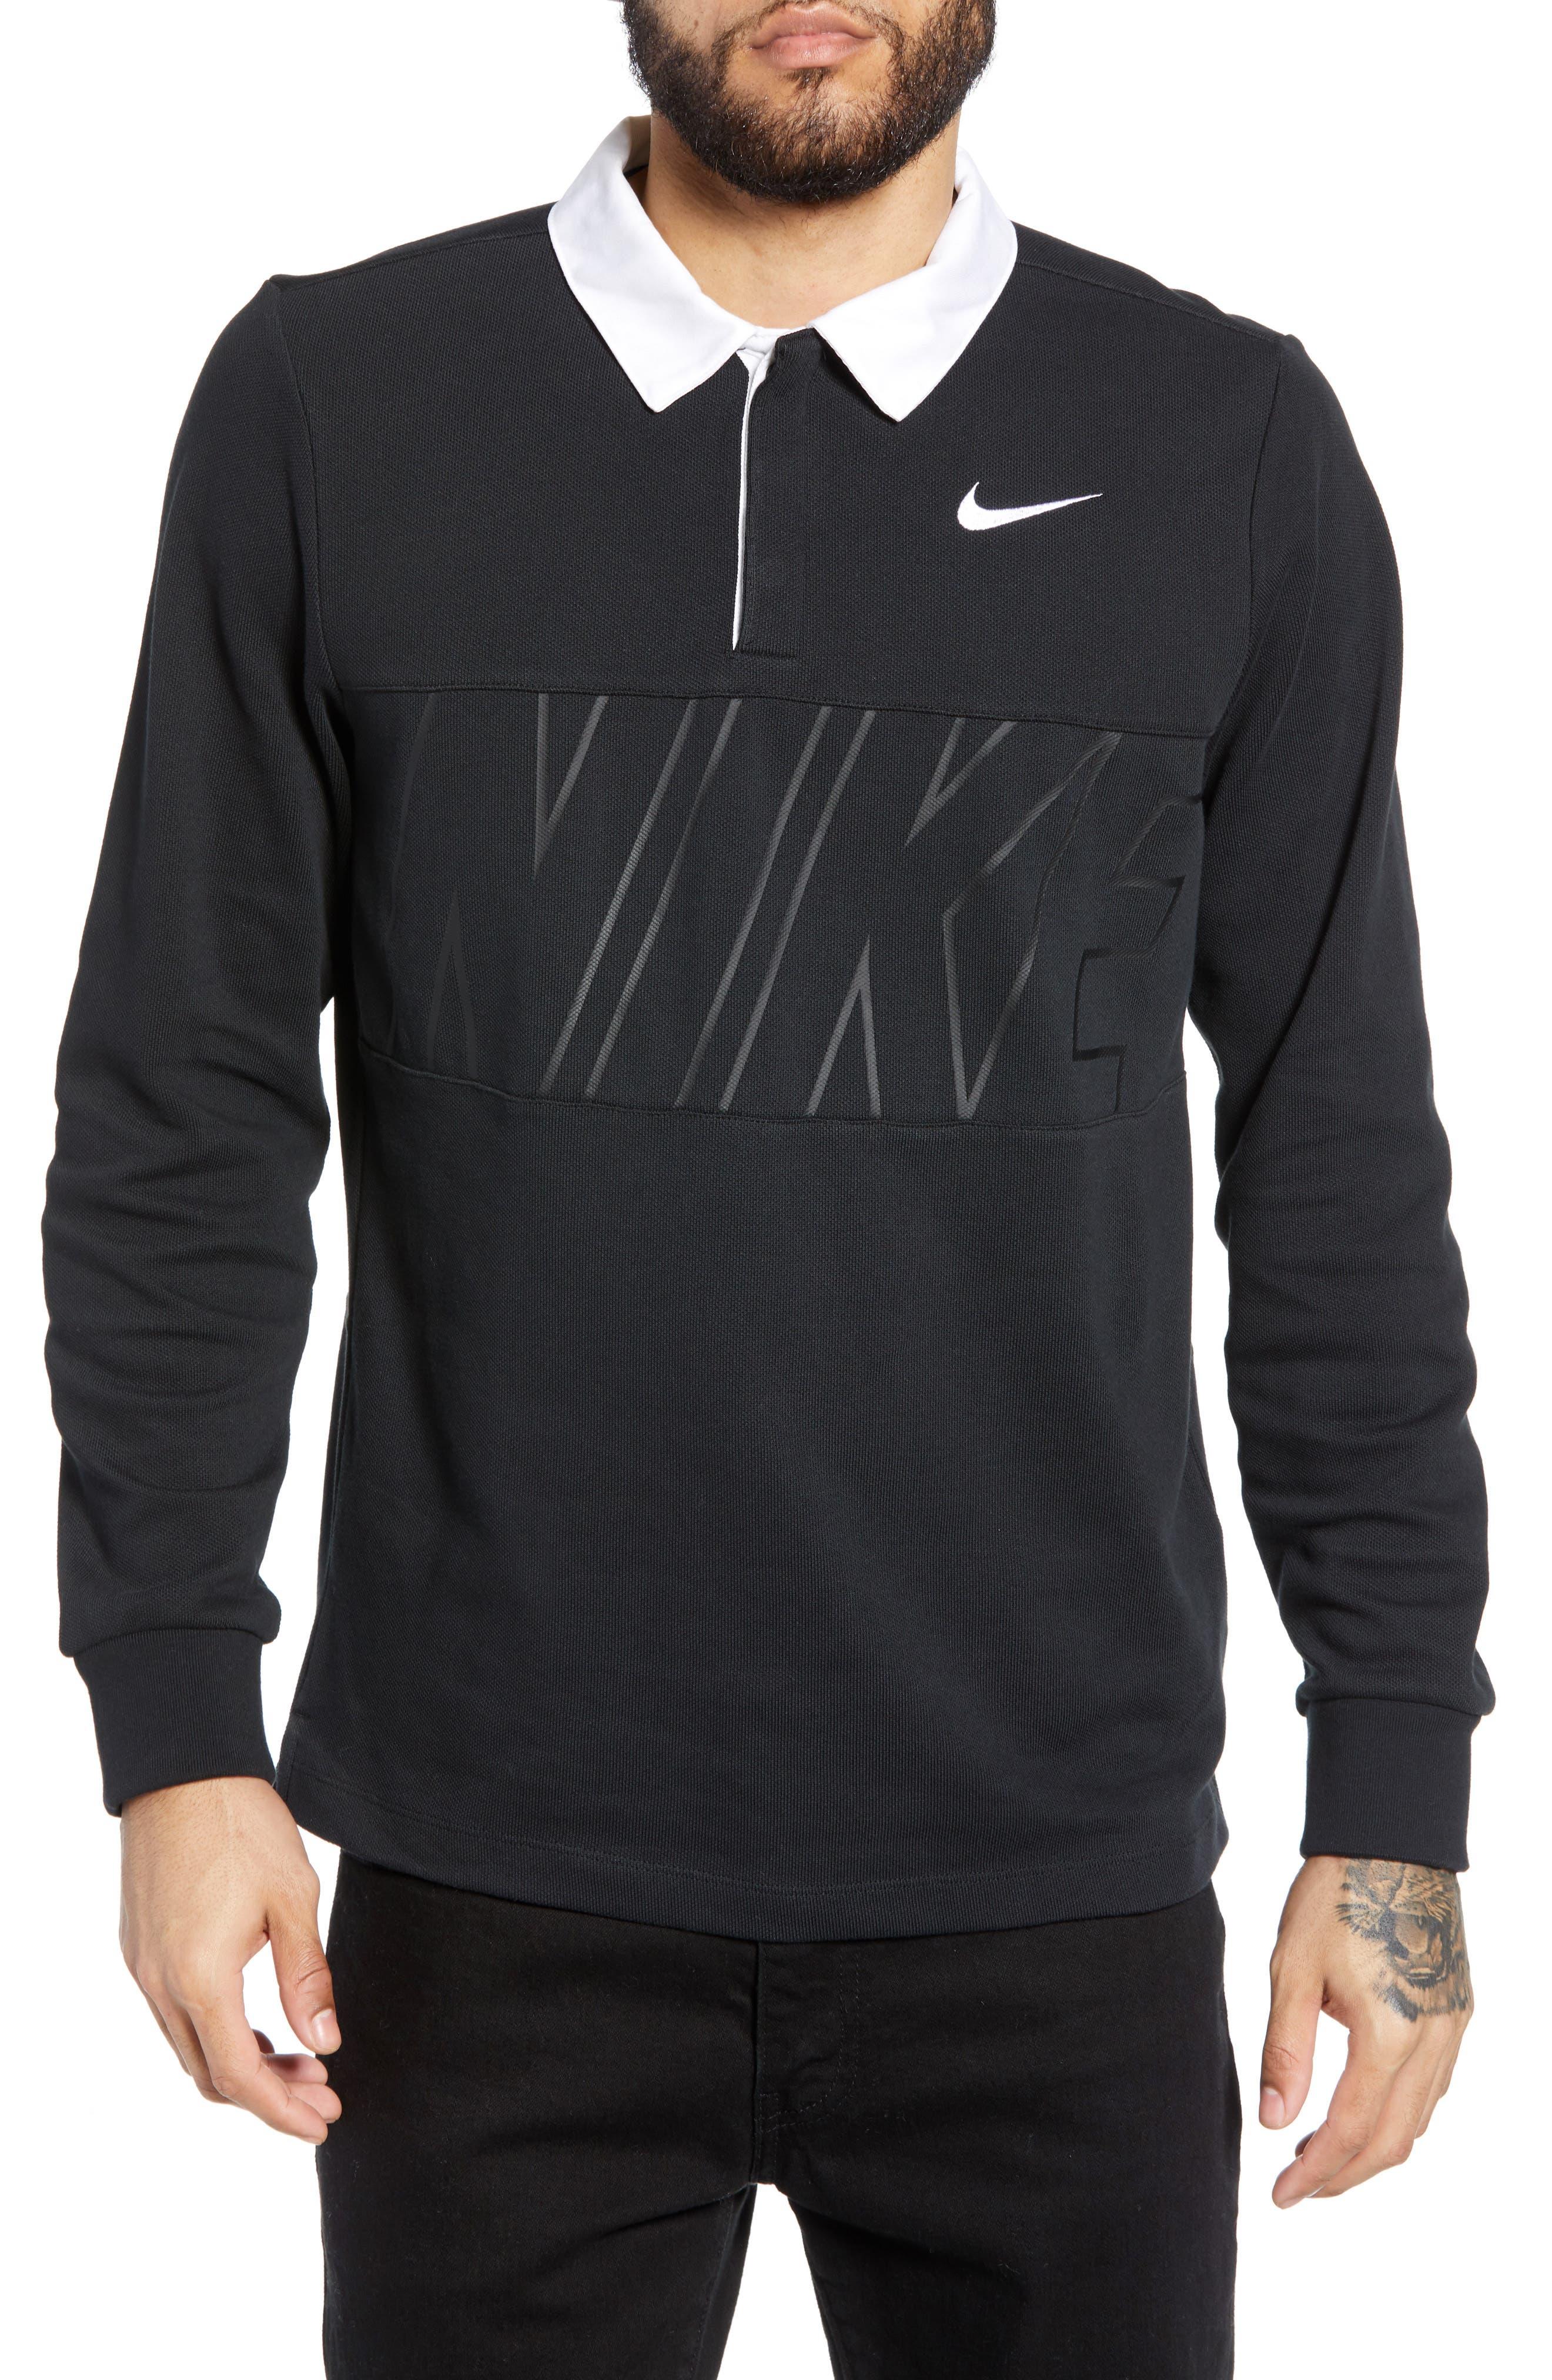 NIKE SB Nike Dry SB Rugby Polo, Main, color, BLACK/BLACK/BLACK/WHITE